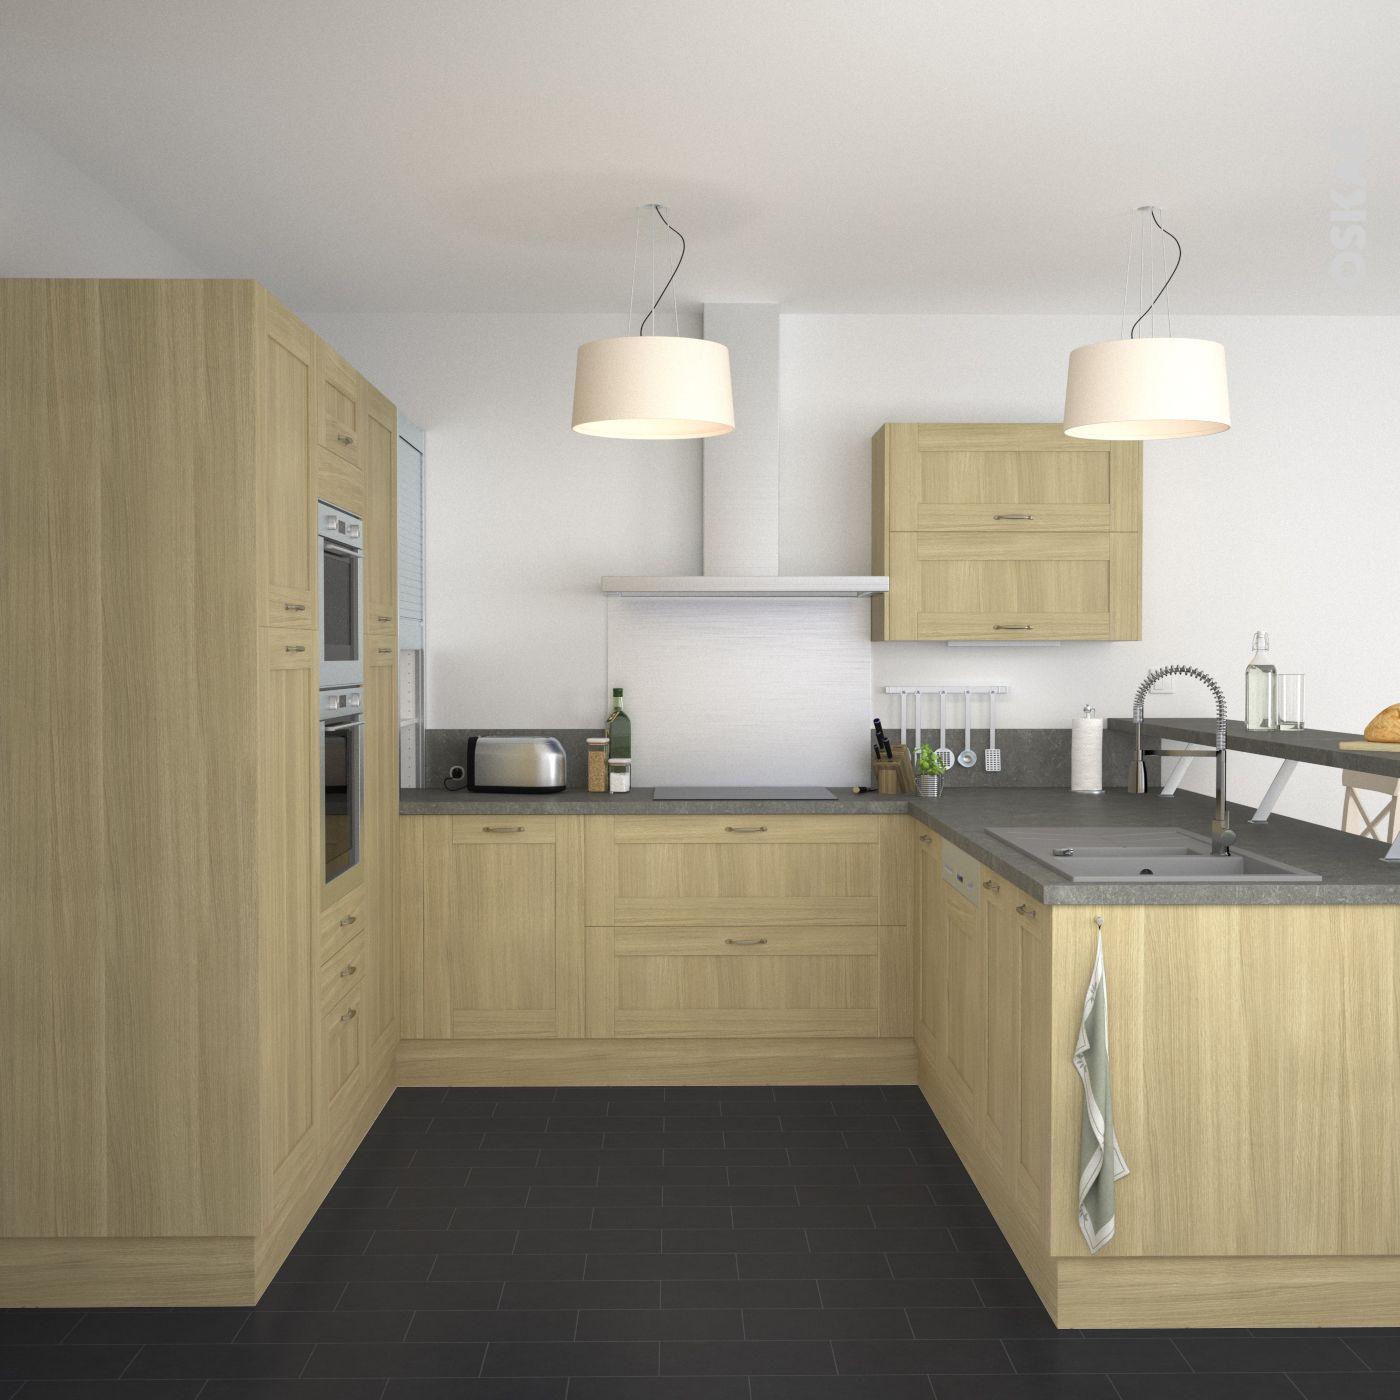 Cuisine bois moderne ouverte sur salle manger fa ade for Cadre cuisine moderne